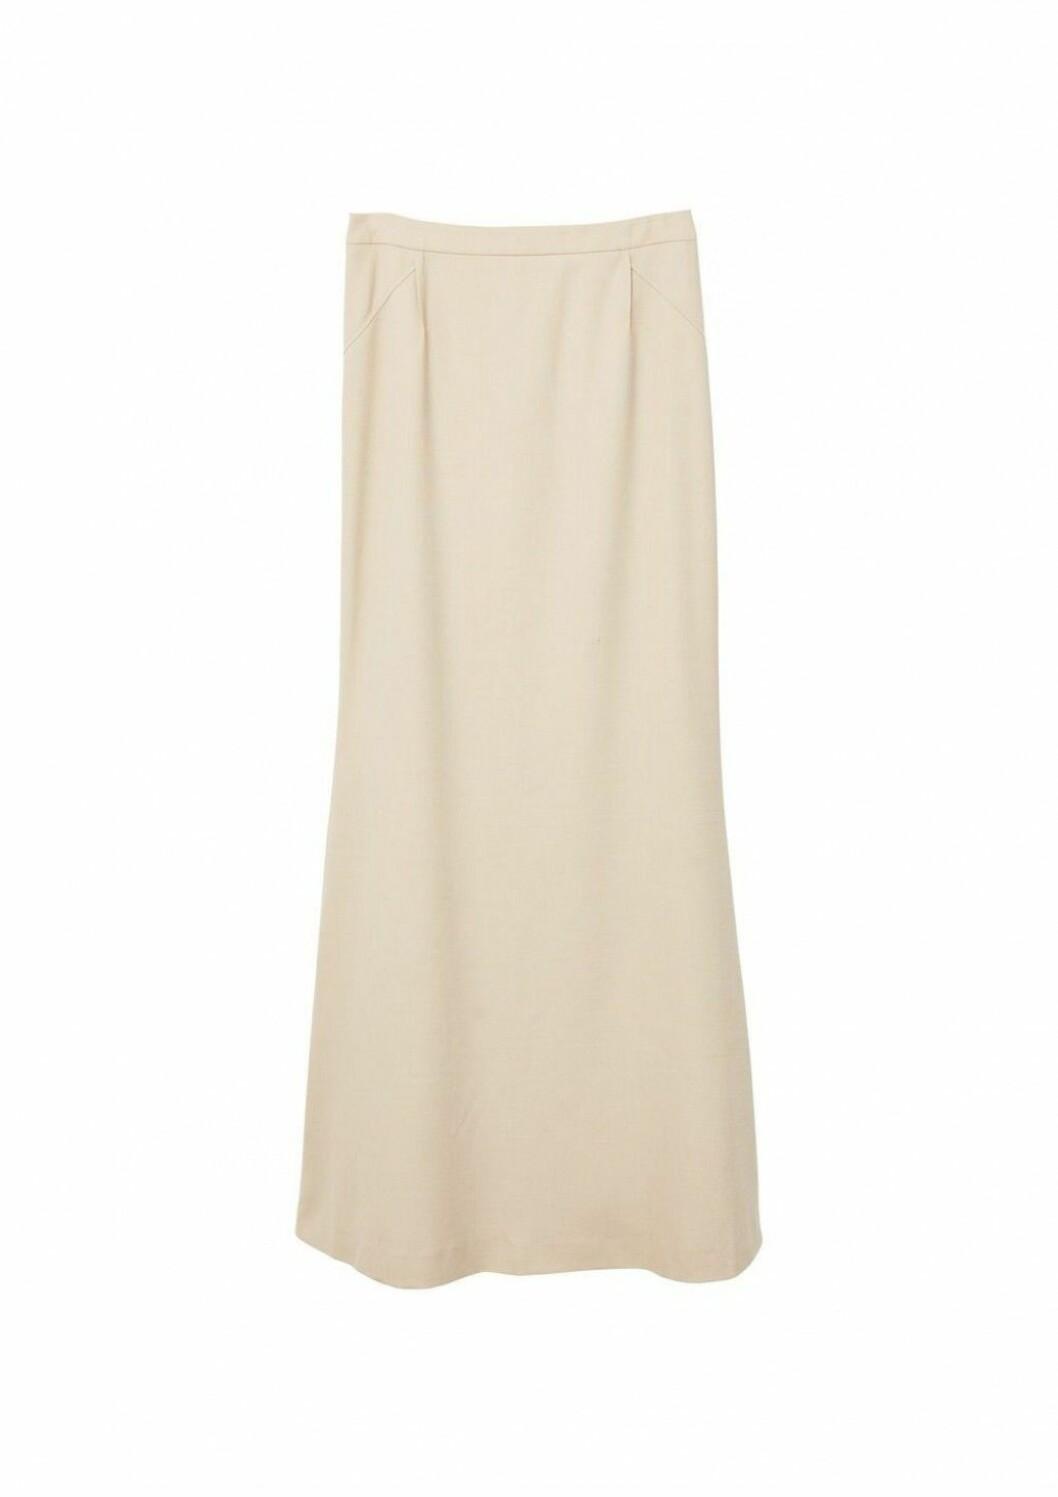 Skjørt fra Mango |500,-| https://shop.mango.com/no-en/women/skirts-long/pleat-detail-long-skirt_31080455.html?c=08&n=1&s=prendas_she.familia;20